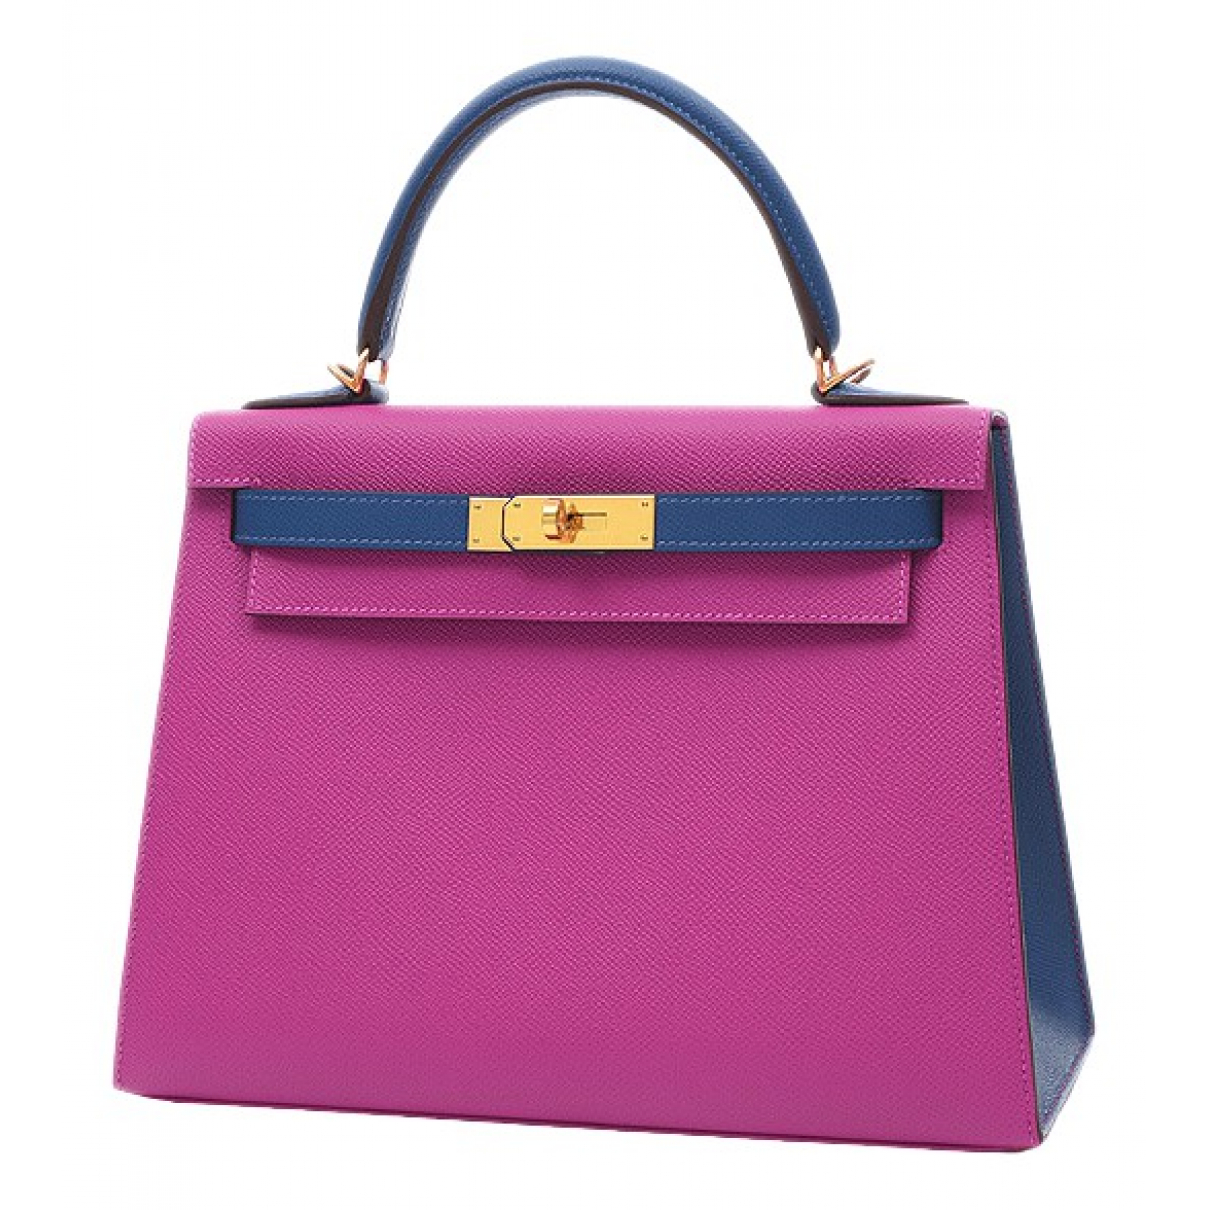 Hermes - Sac a main Kelly 28 pour femme en cuir - violet